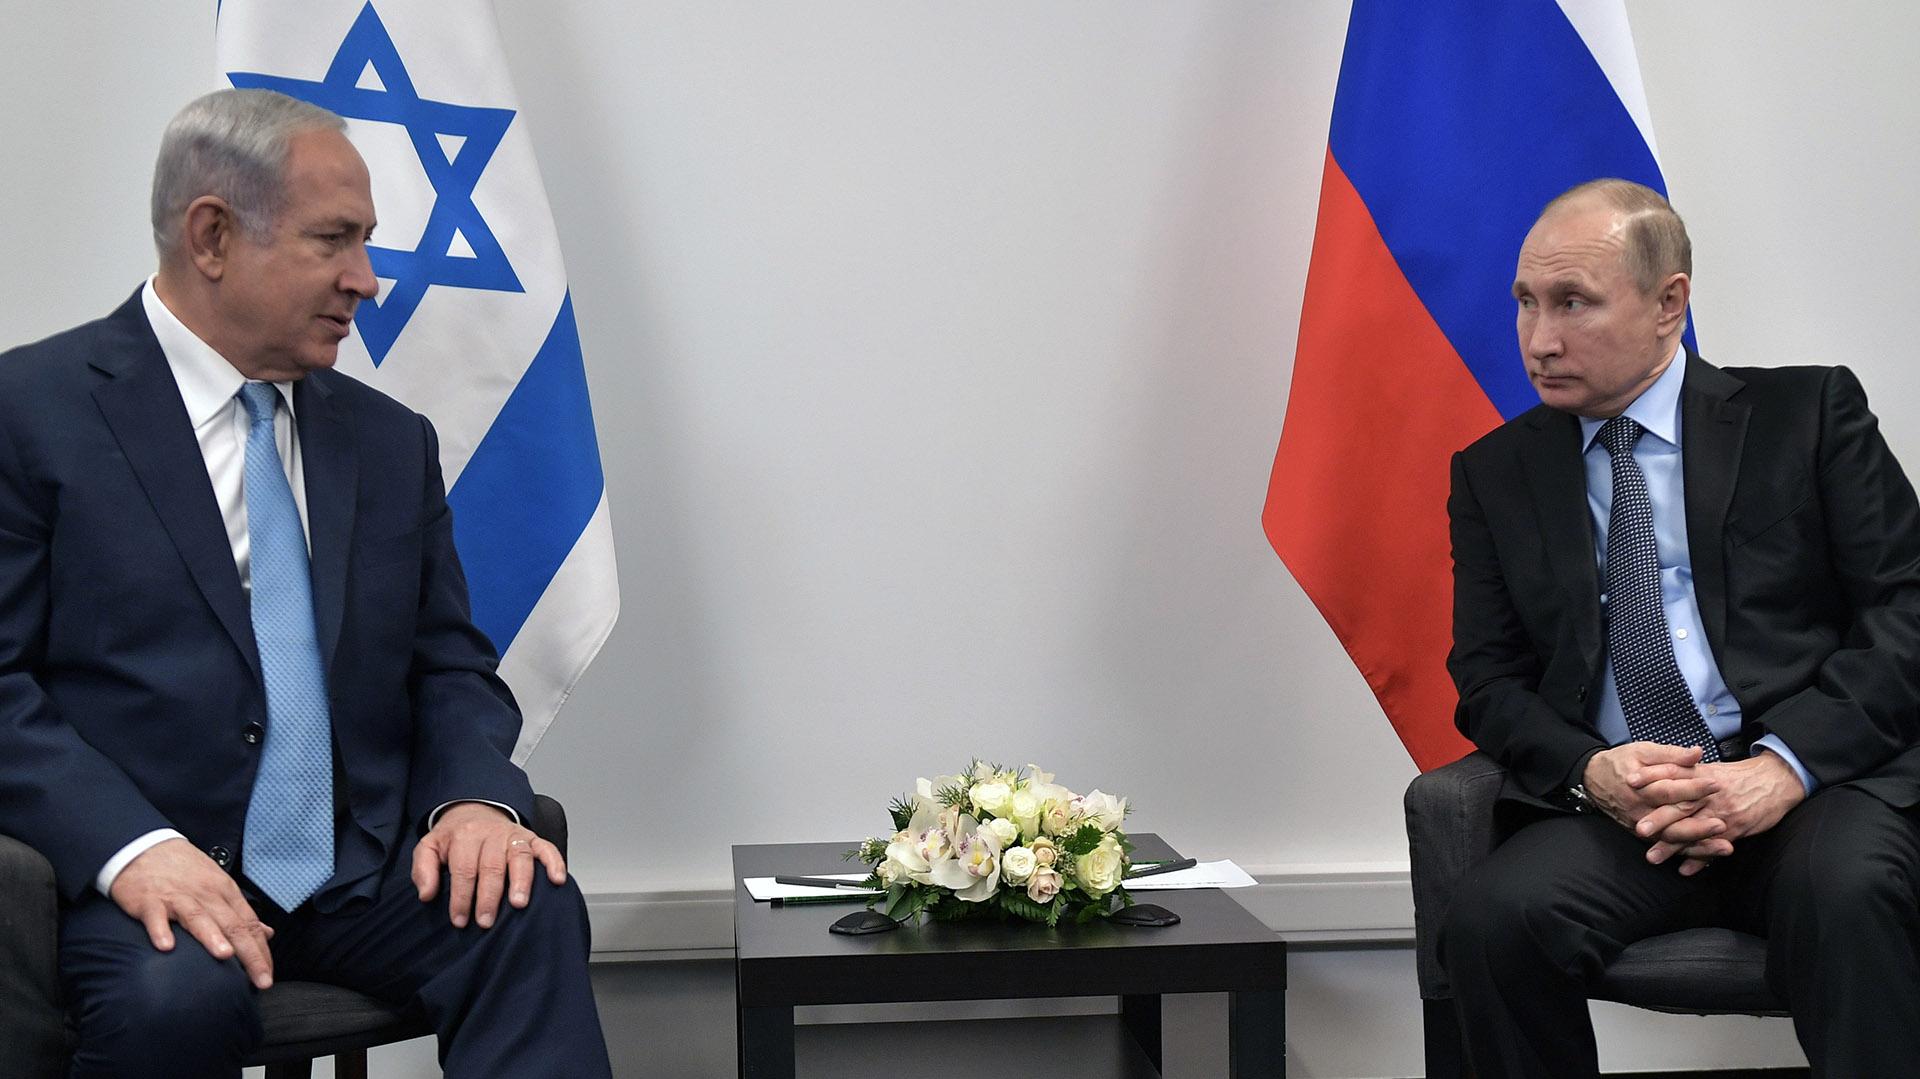 El primer ministro israelí Benjamin Netanyahu y el presidente ruso Vladimir Putin en Moscú (AFP)